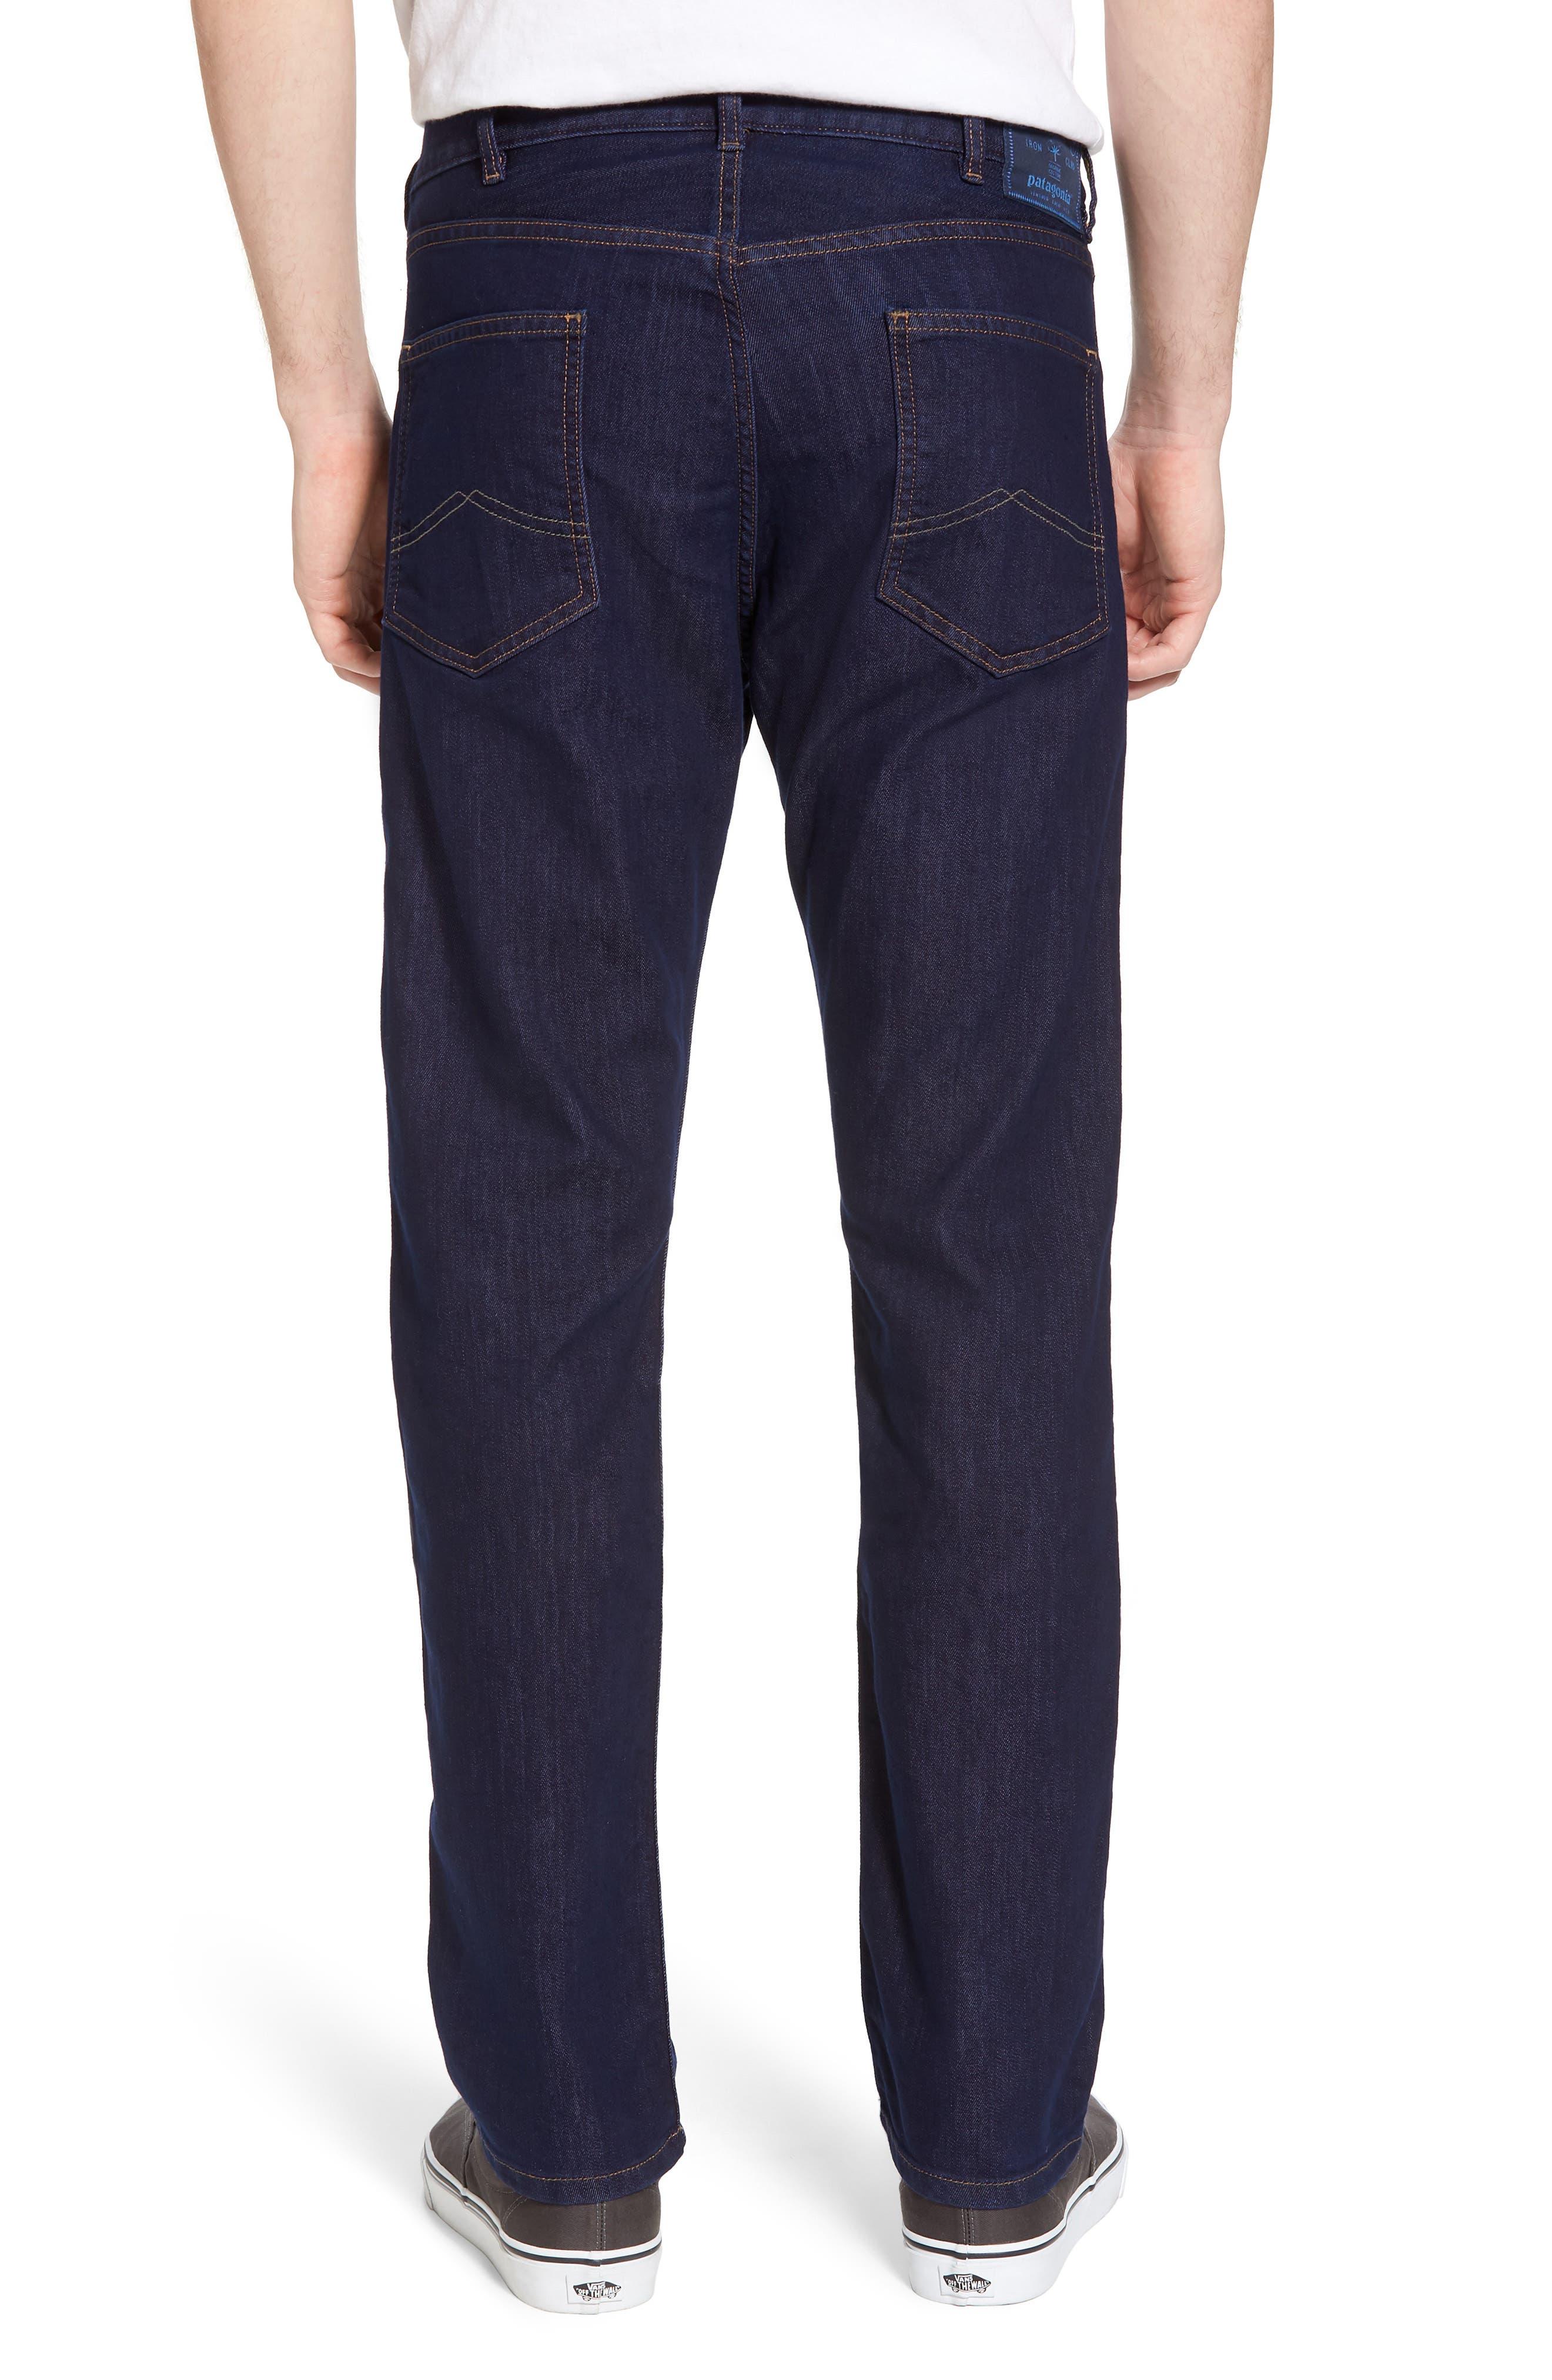 Straight Leg Performance Jeans,                             Alternate thumbnail 2, color,                             Dark Denim